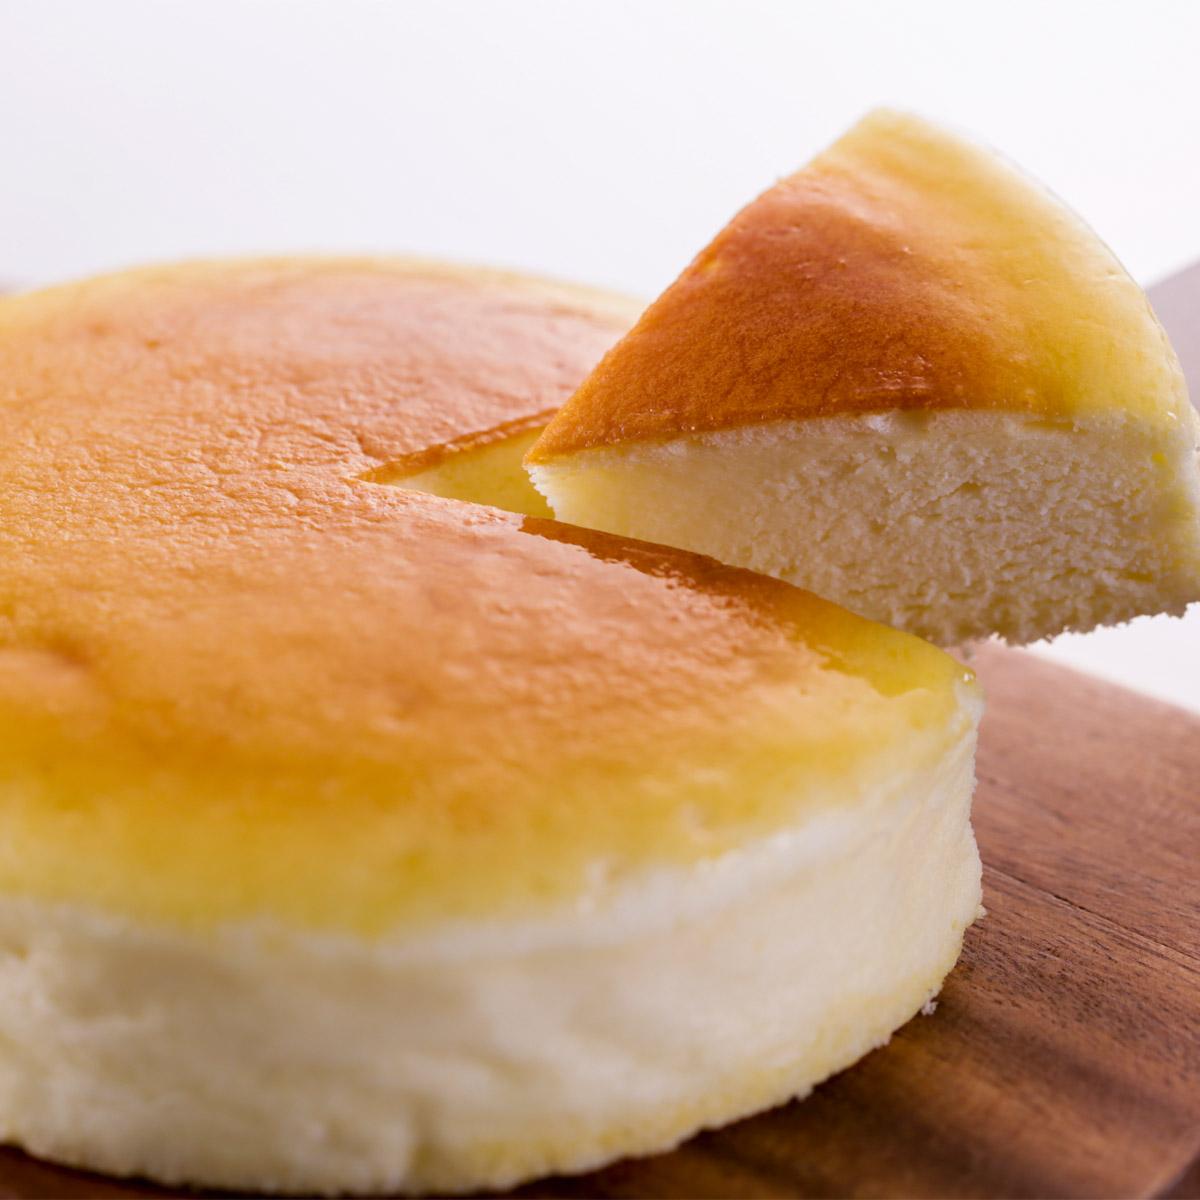 ジャージー牧場らいらっくチーズケーキ 寄附金額 5,000円 (兵庫県朝来市)